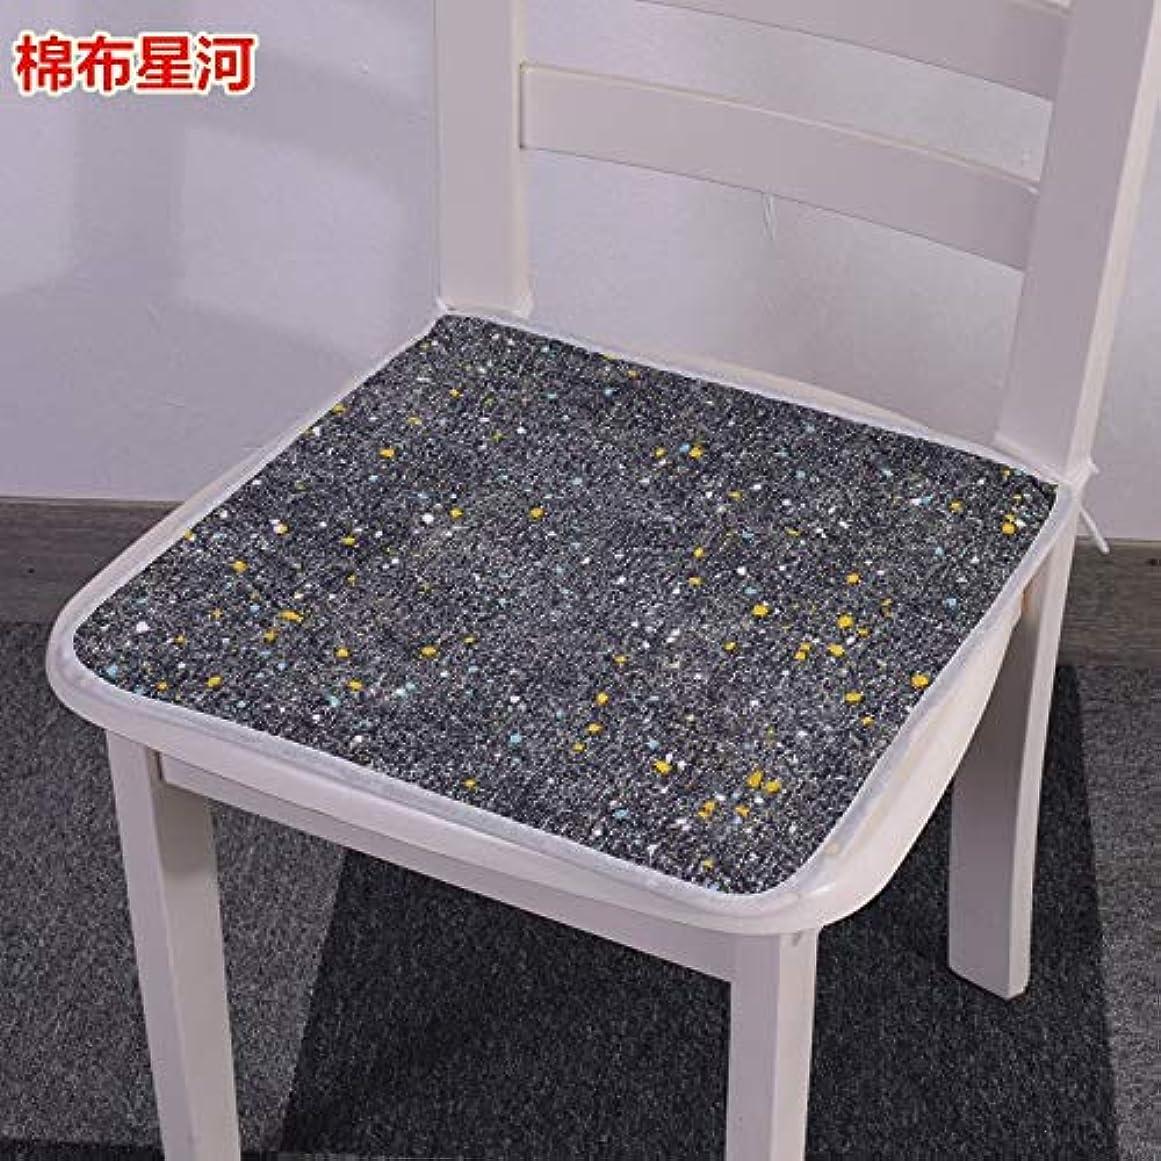 仮説クリスマス菊LIFE 現代スーパーソフト椅子クッション非スリップシートクッションマットソファホームデコレーションバッククッションチェアパッド 40*40/45*45/50*50 センチメートル クッション 椅子